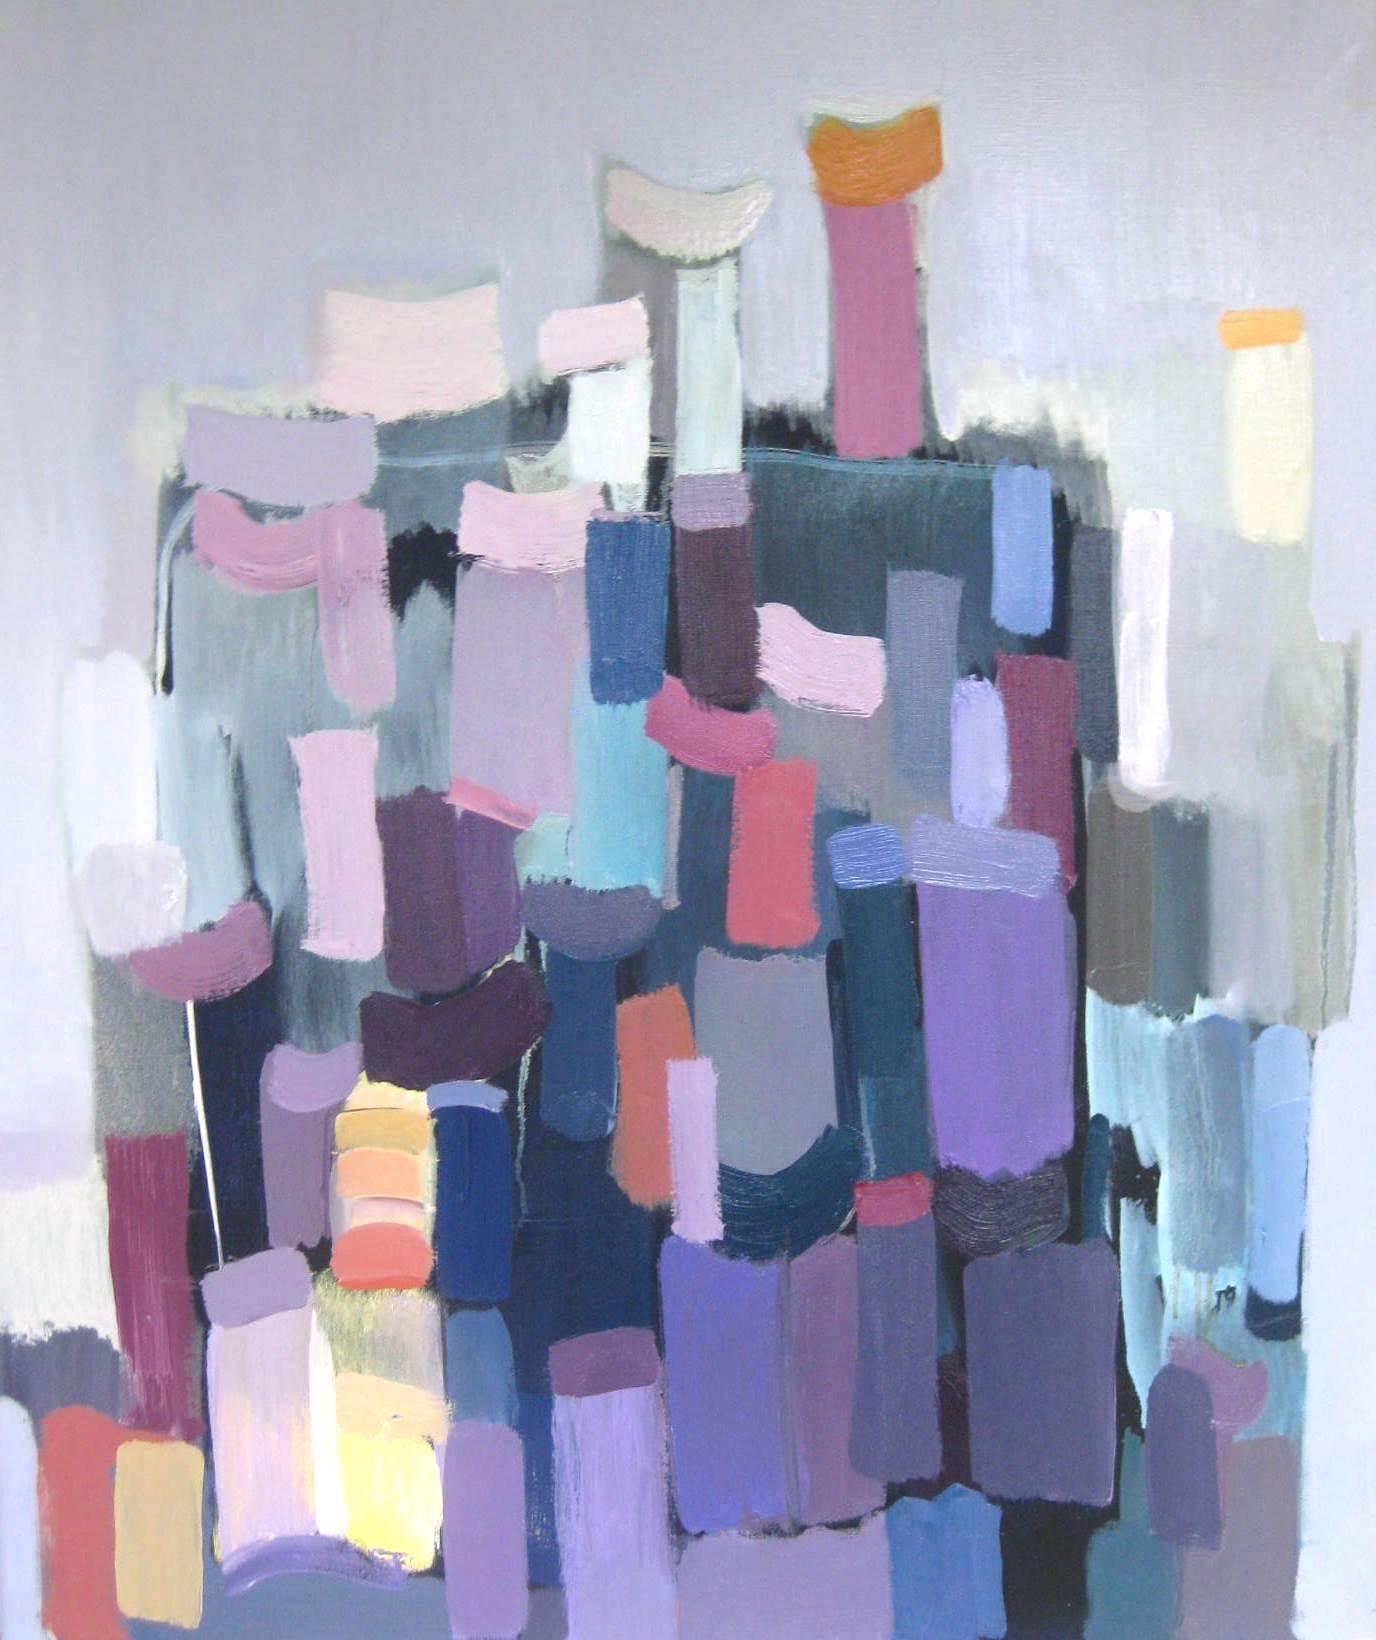 Krajolik, 2014., ulje na platnu, 95x80 cm (4)